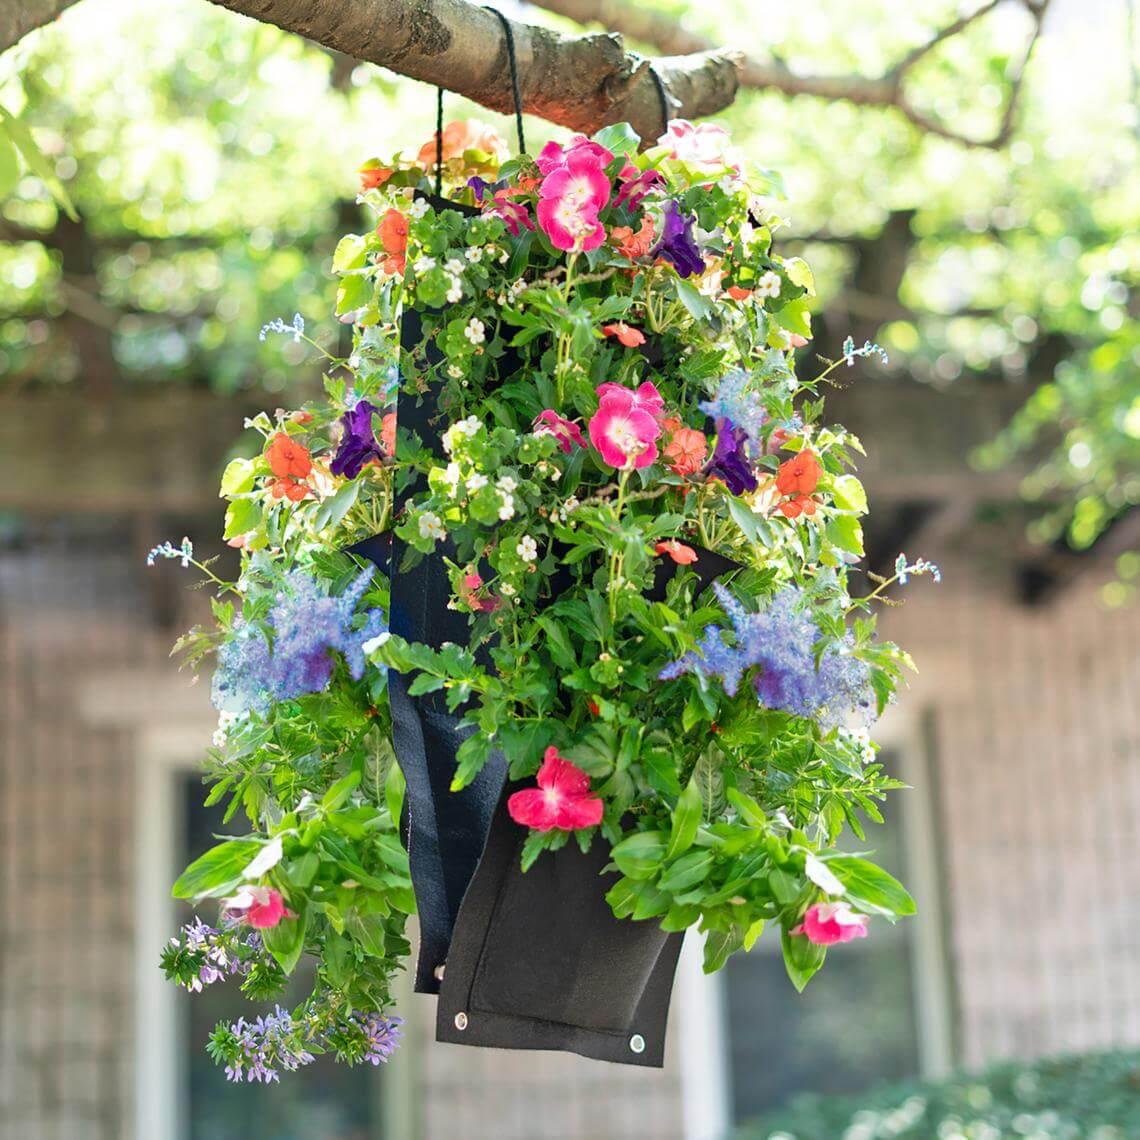 Over the Top Pocket Flower Hanging Basket